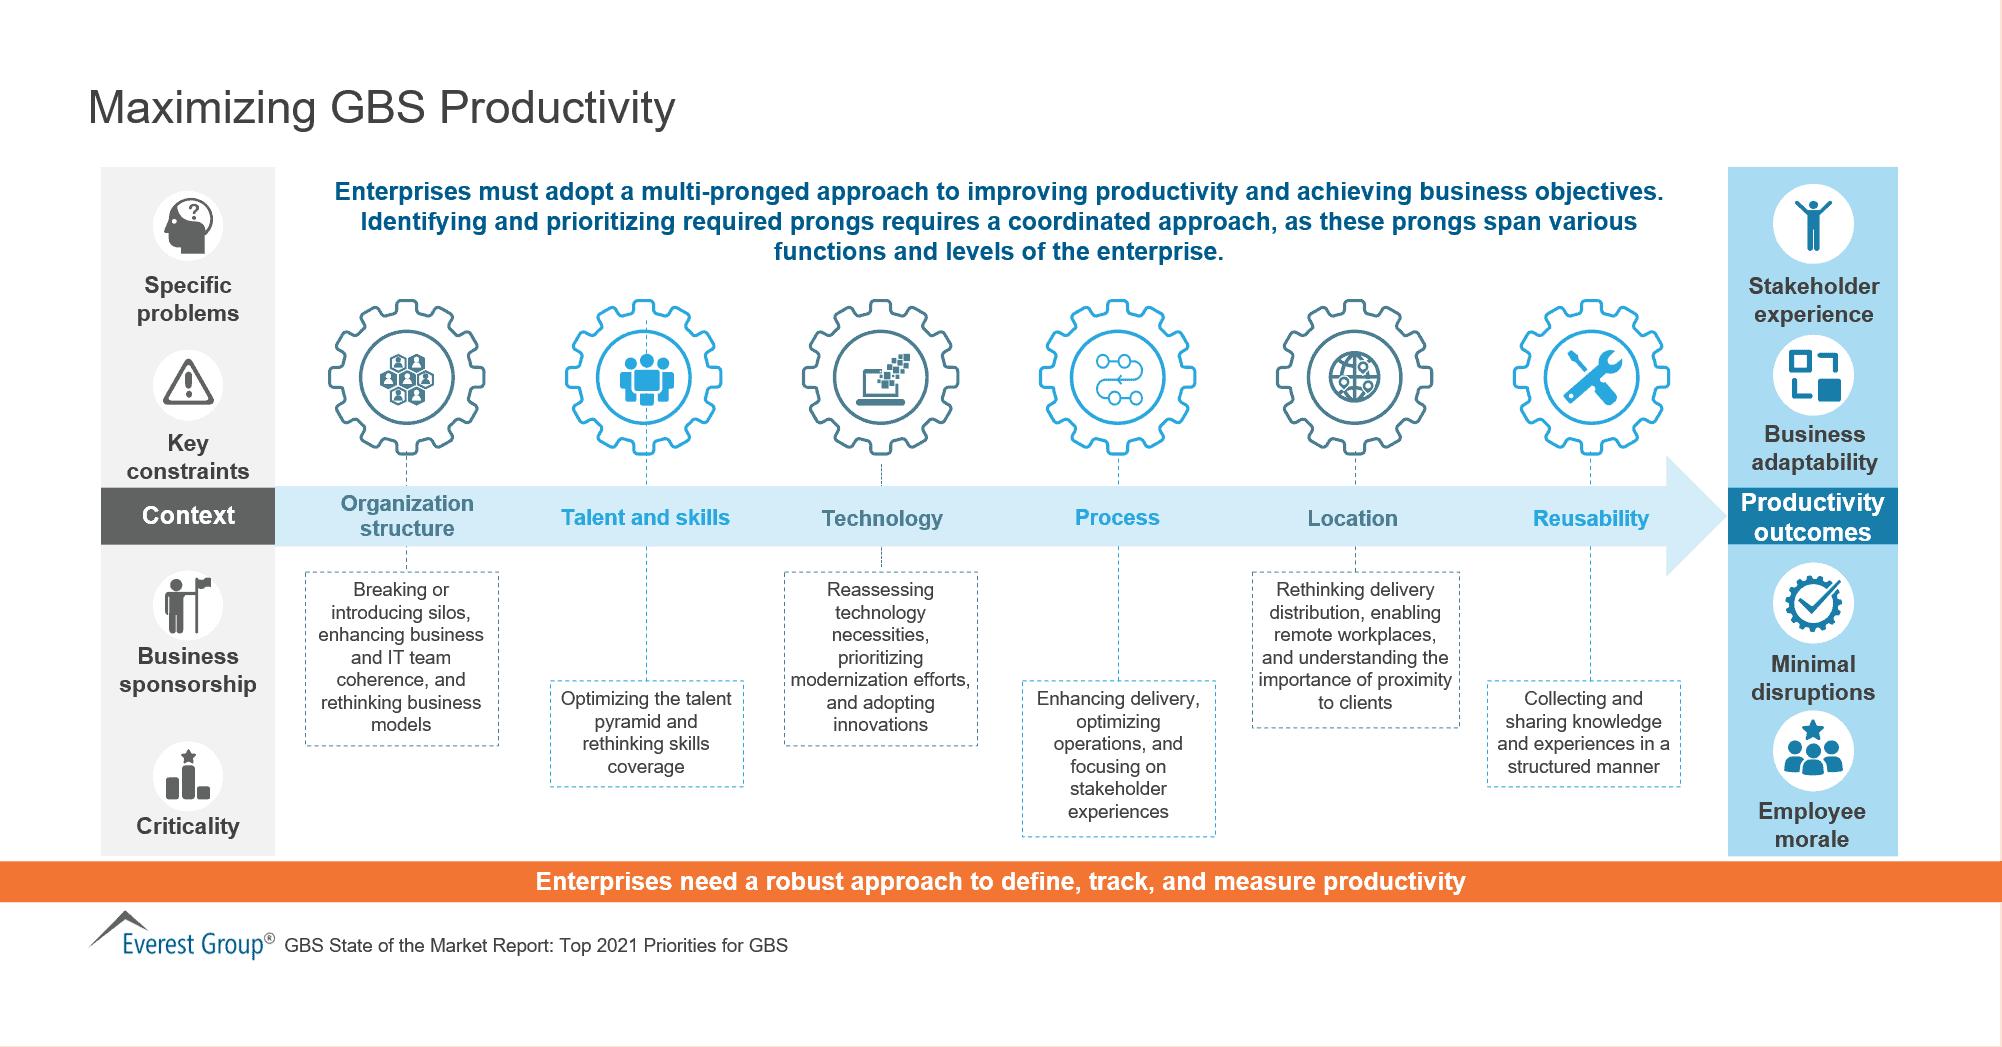 Maximizing GBS Productivity